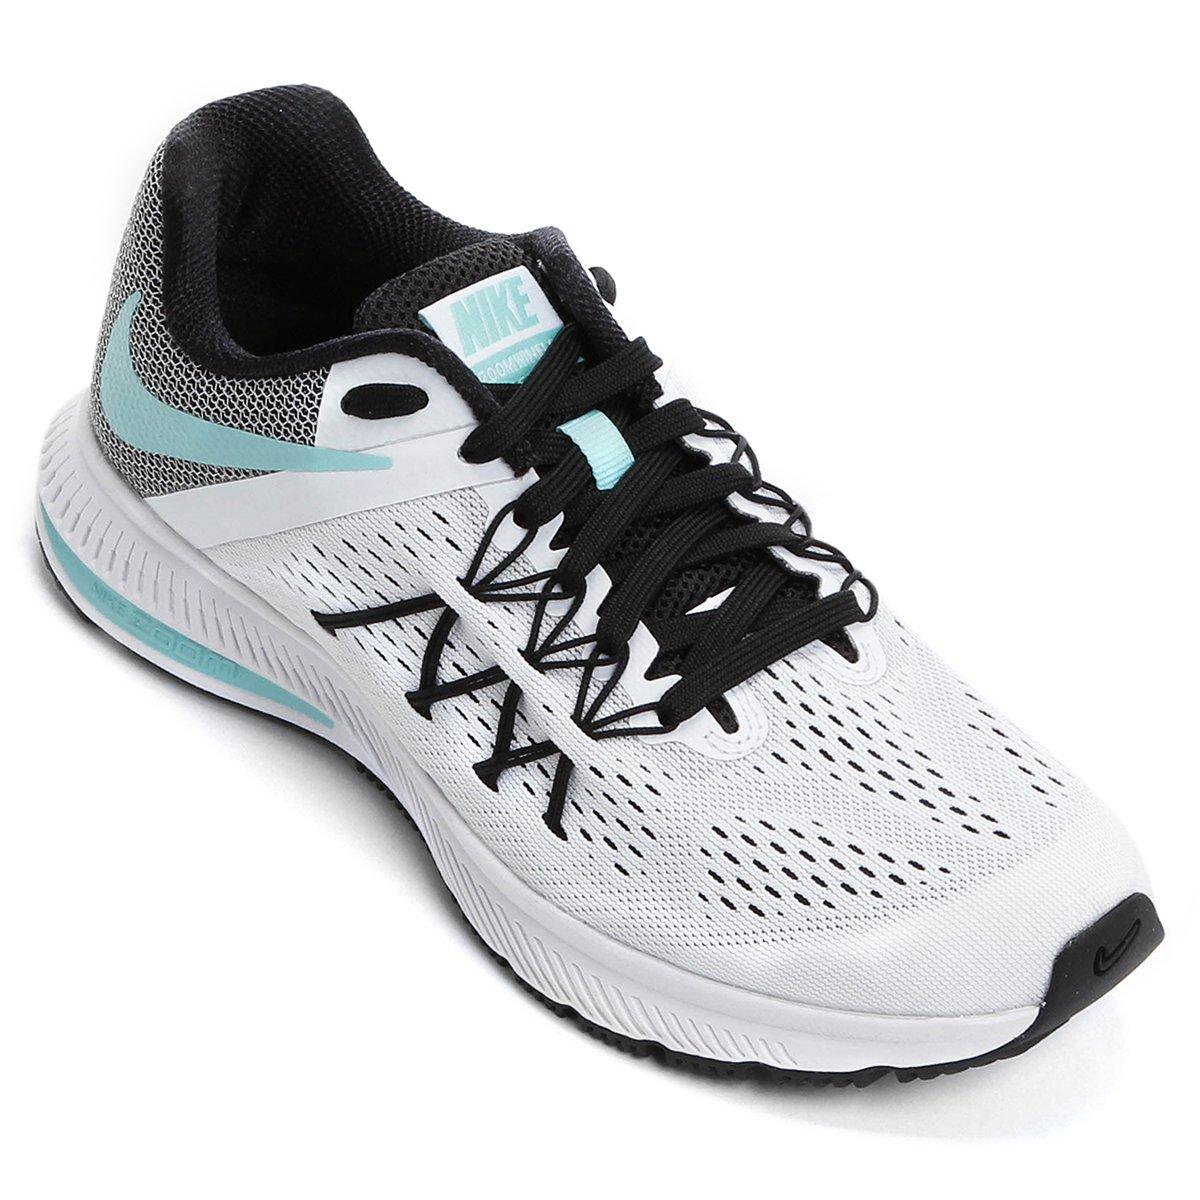 b56f7e13be4 Tênis Nike Zoom Winflo 3 Feminino - Compre Agora